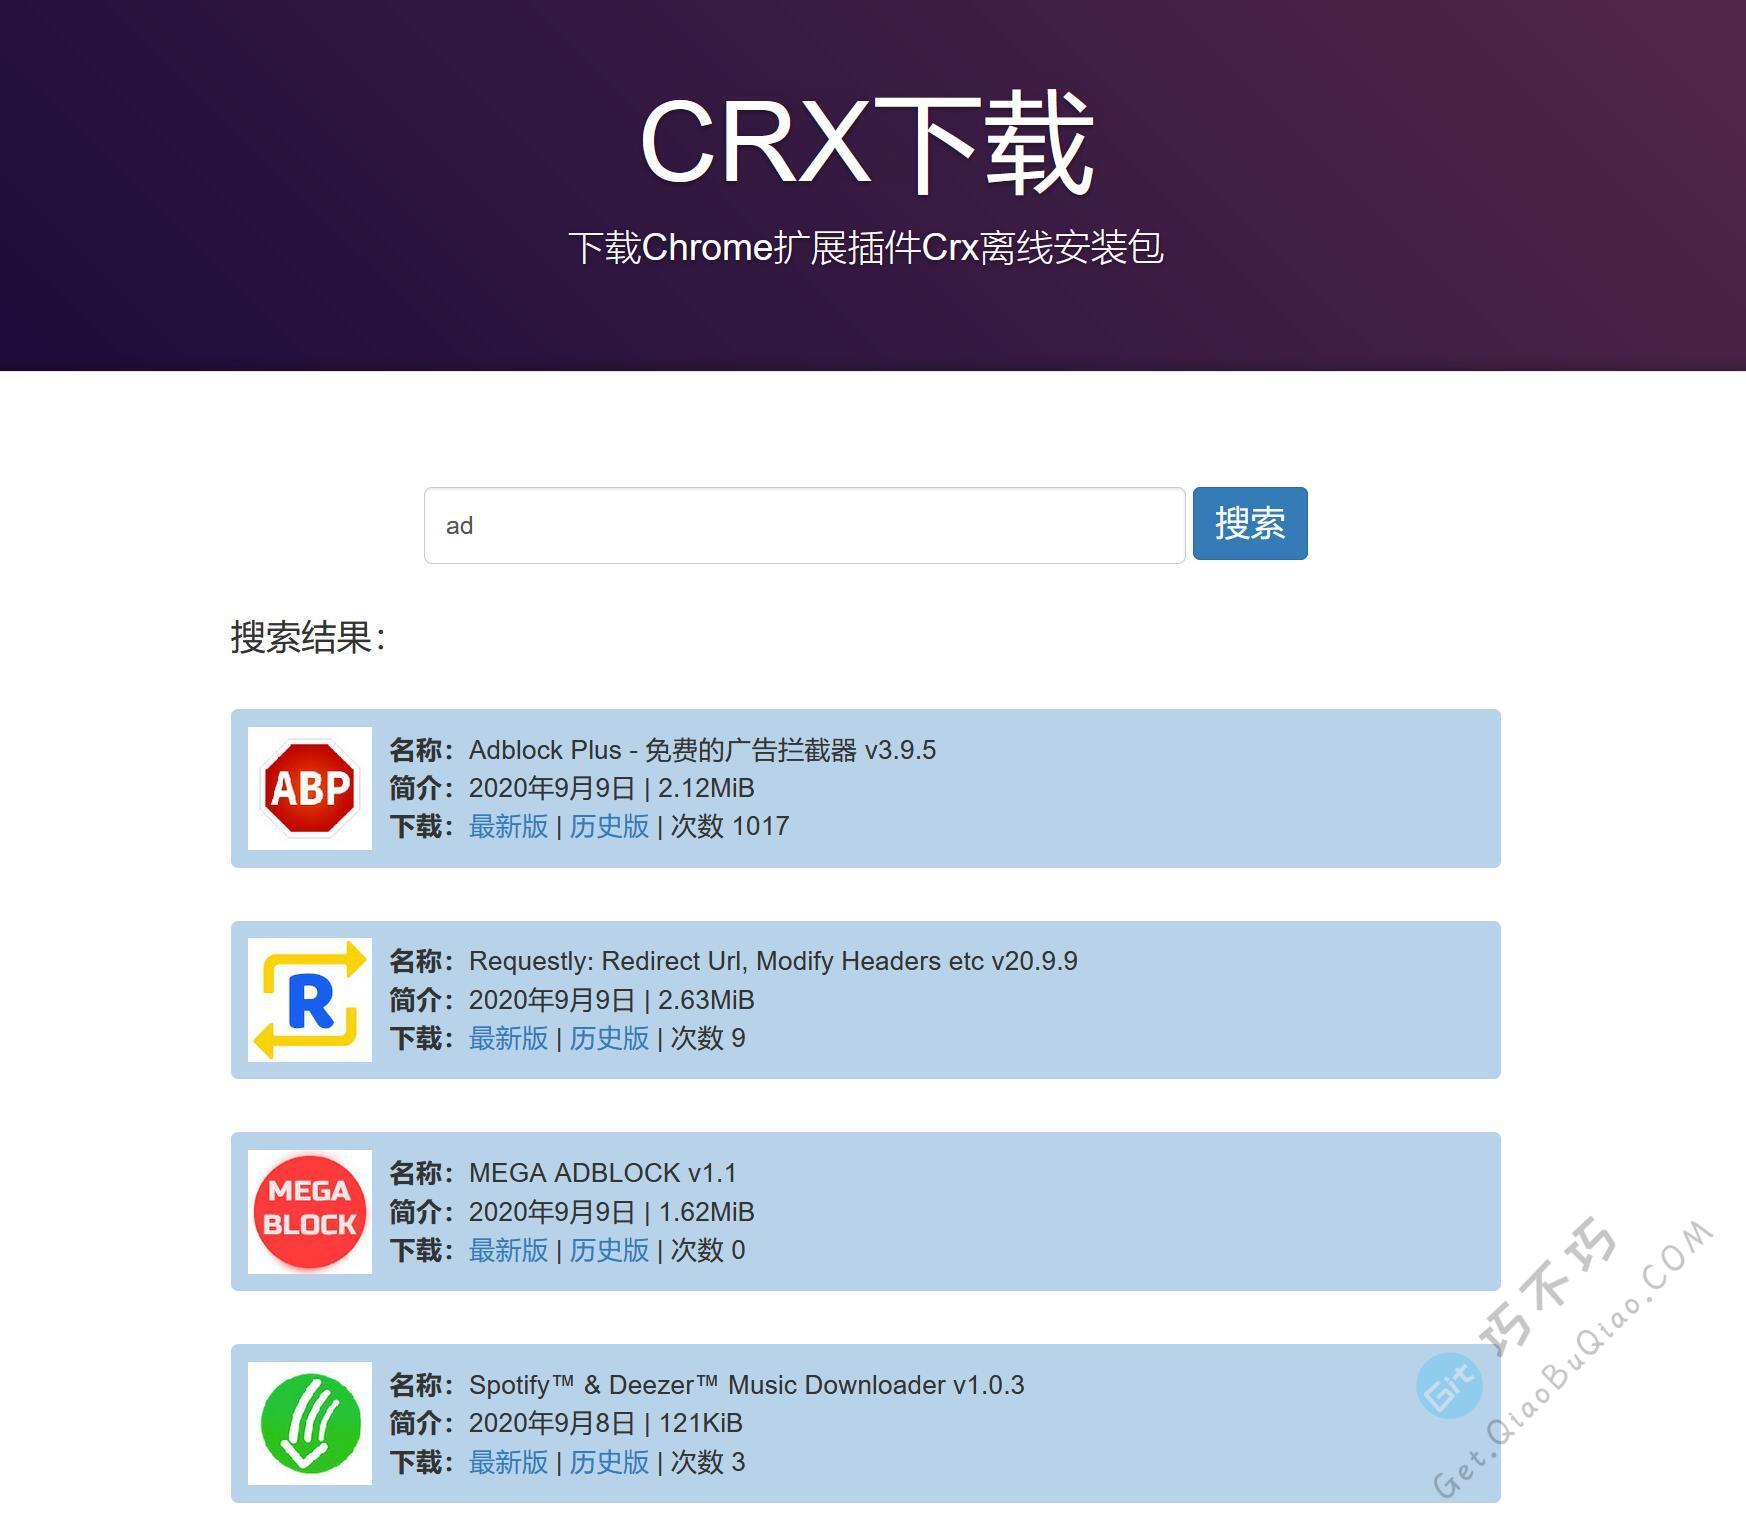 一文详尽目前最好的Chrome浏览器CRX插件国内下载方式